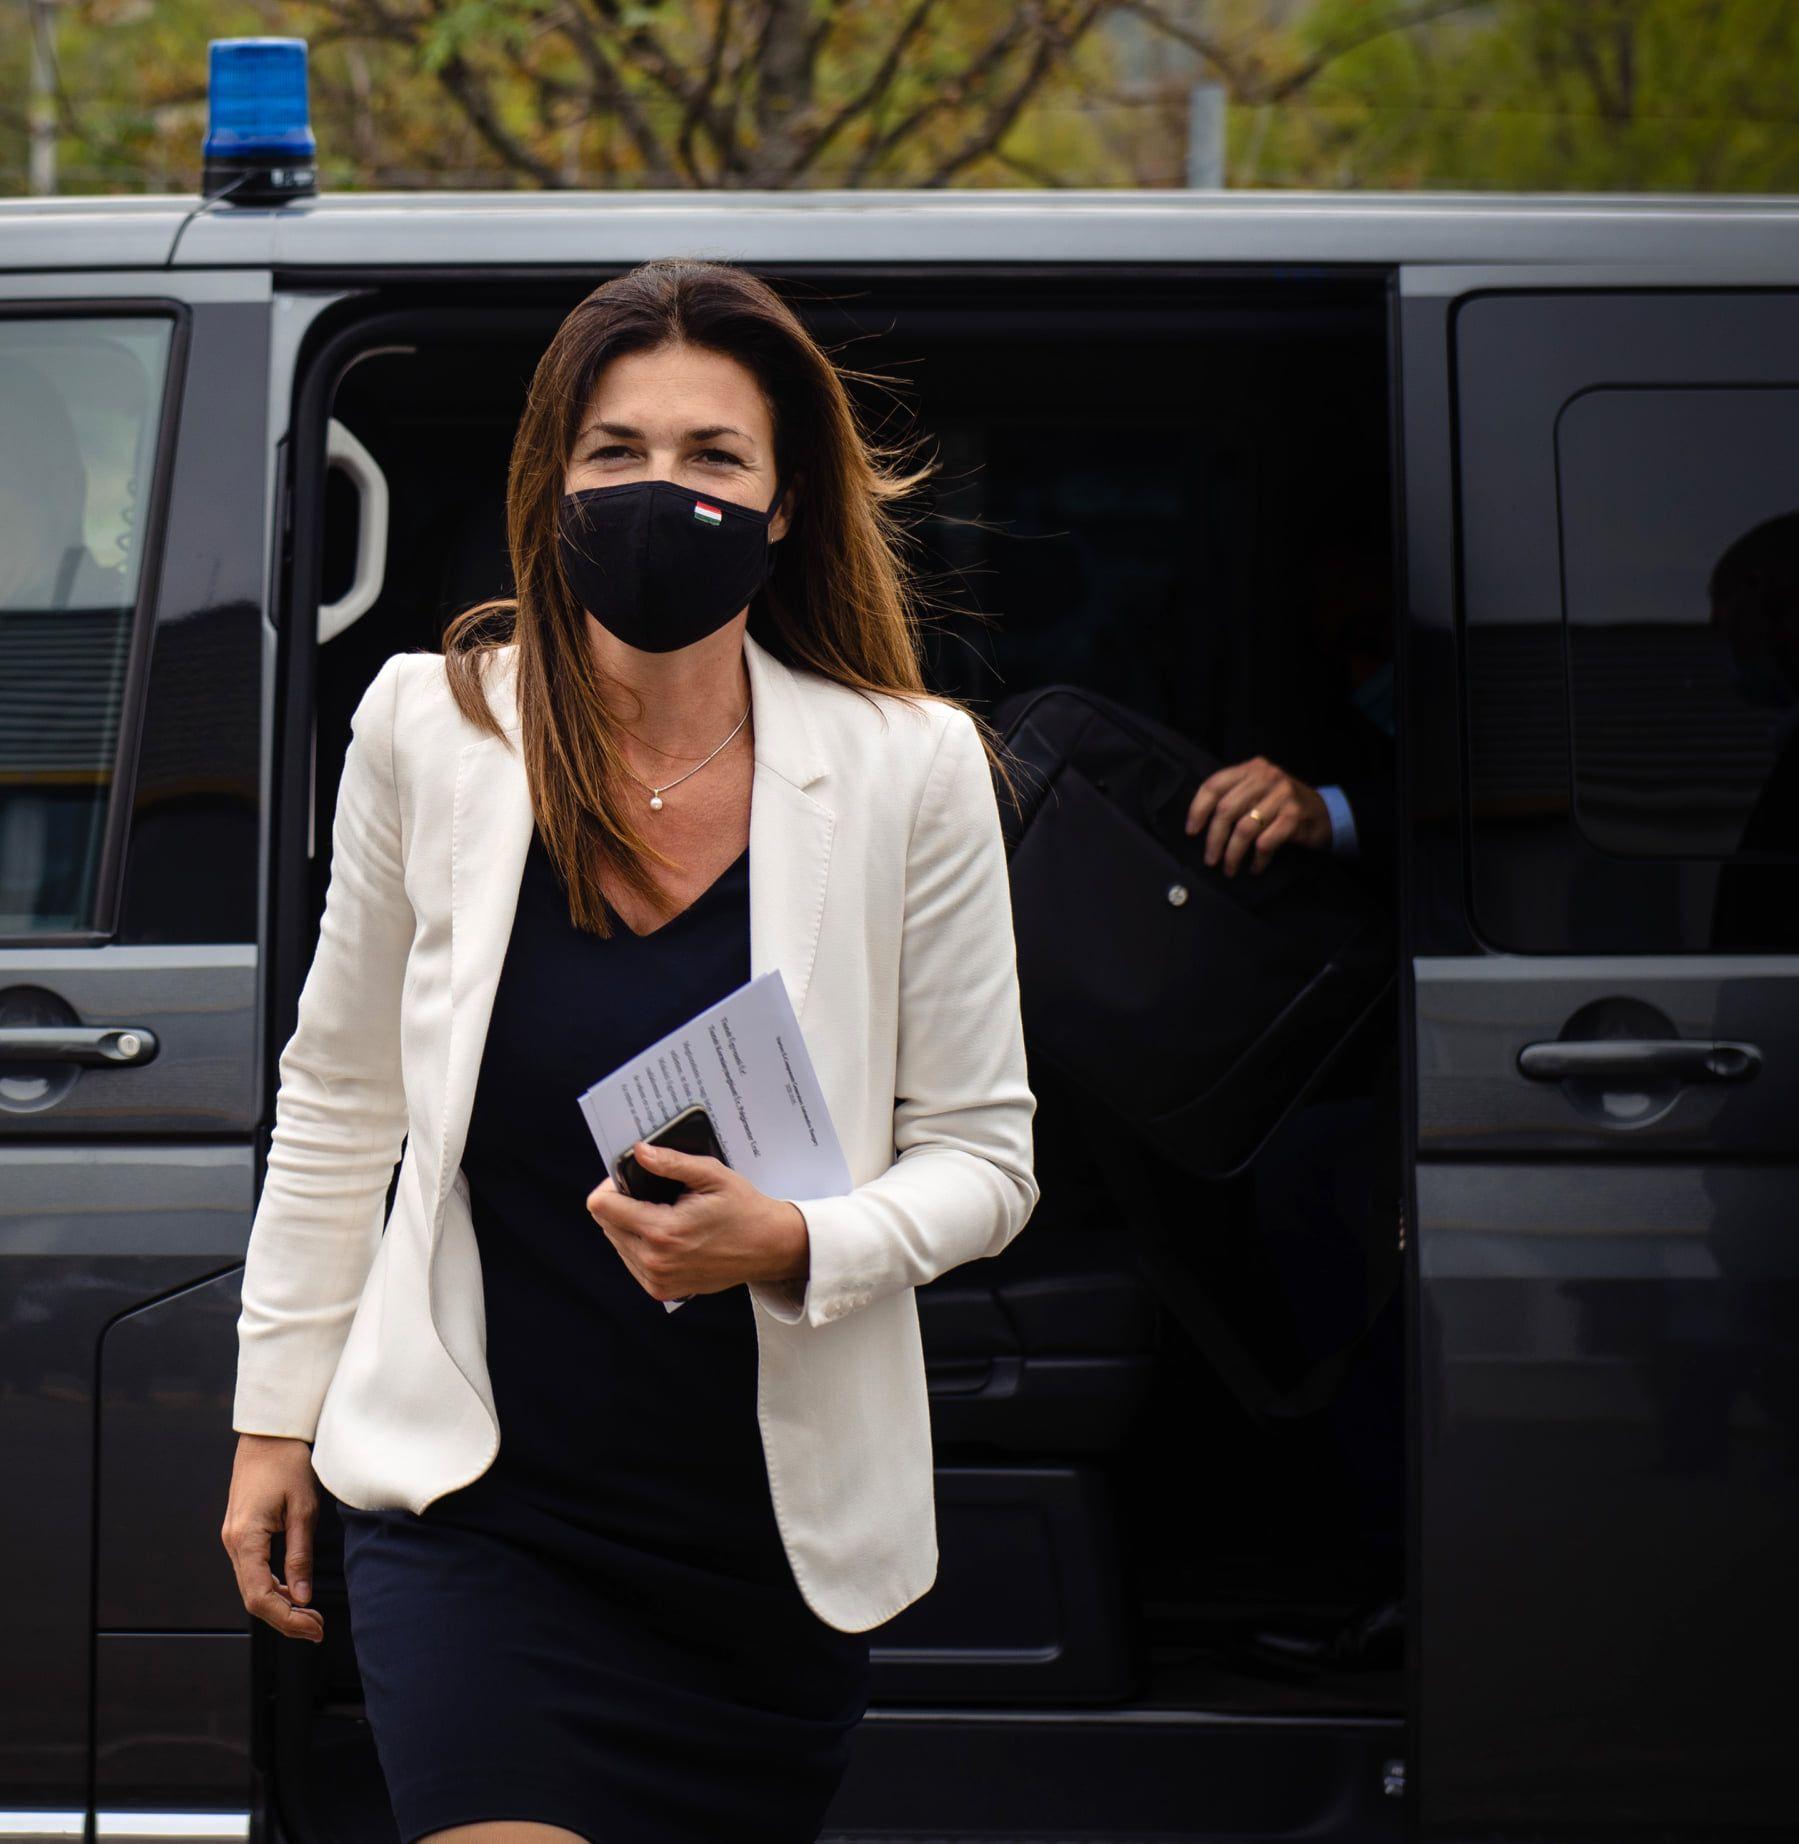 """Varga Judit: """"A magyar érdekek megvédve"""" – megdöbbentő képet posztolt a miniszter"""